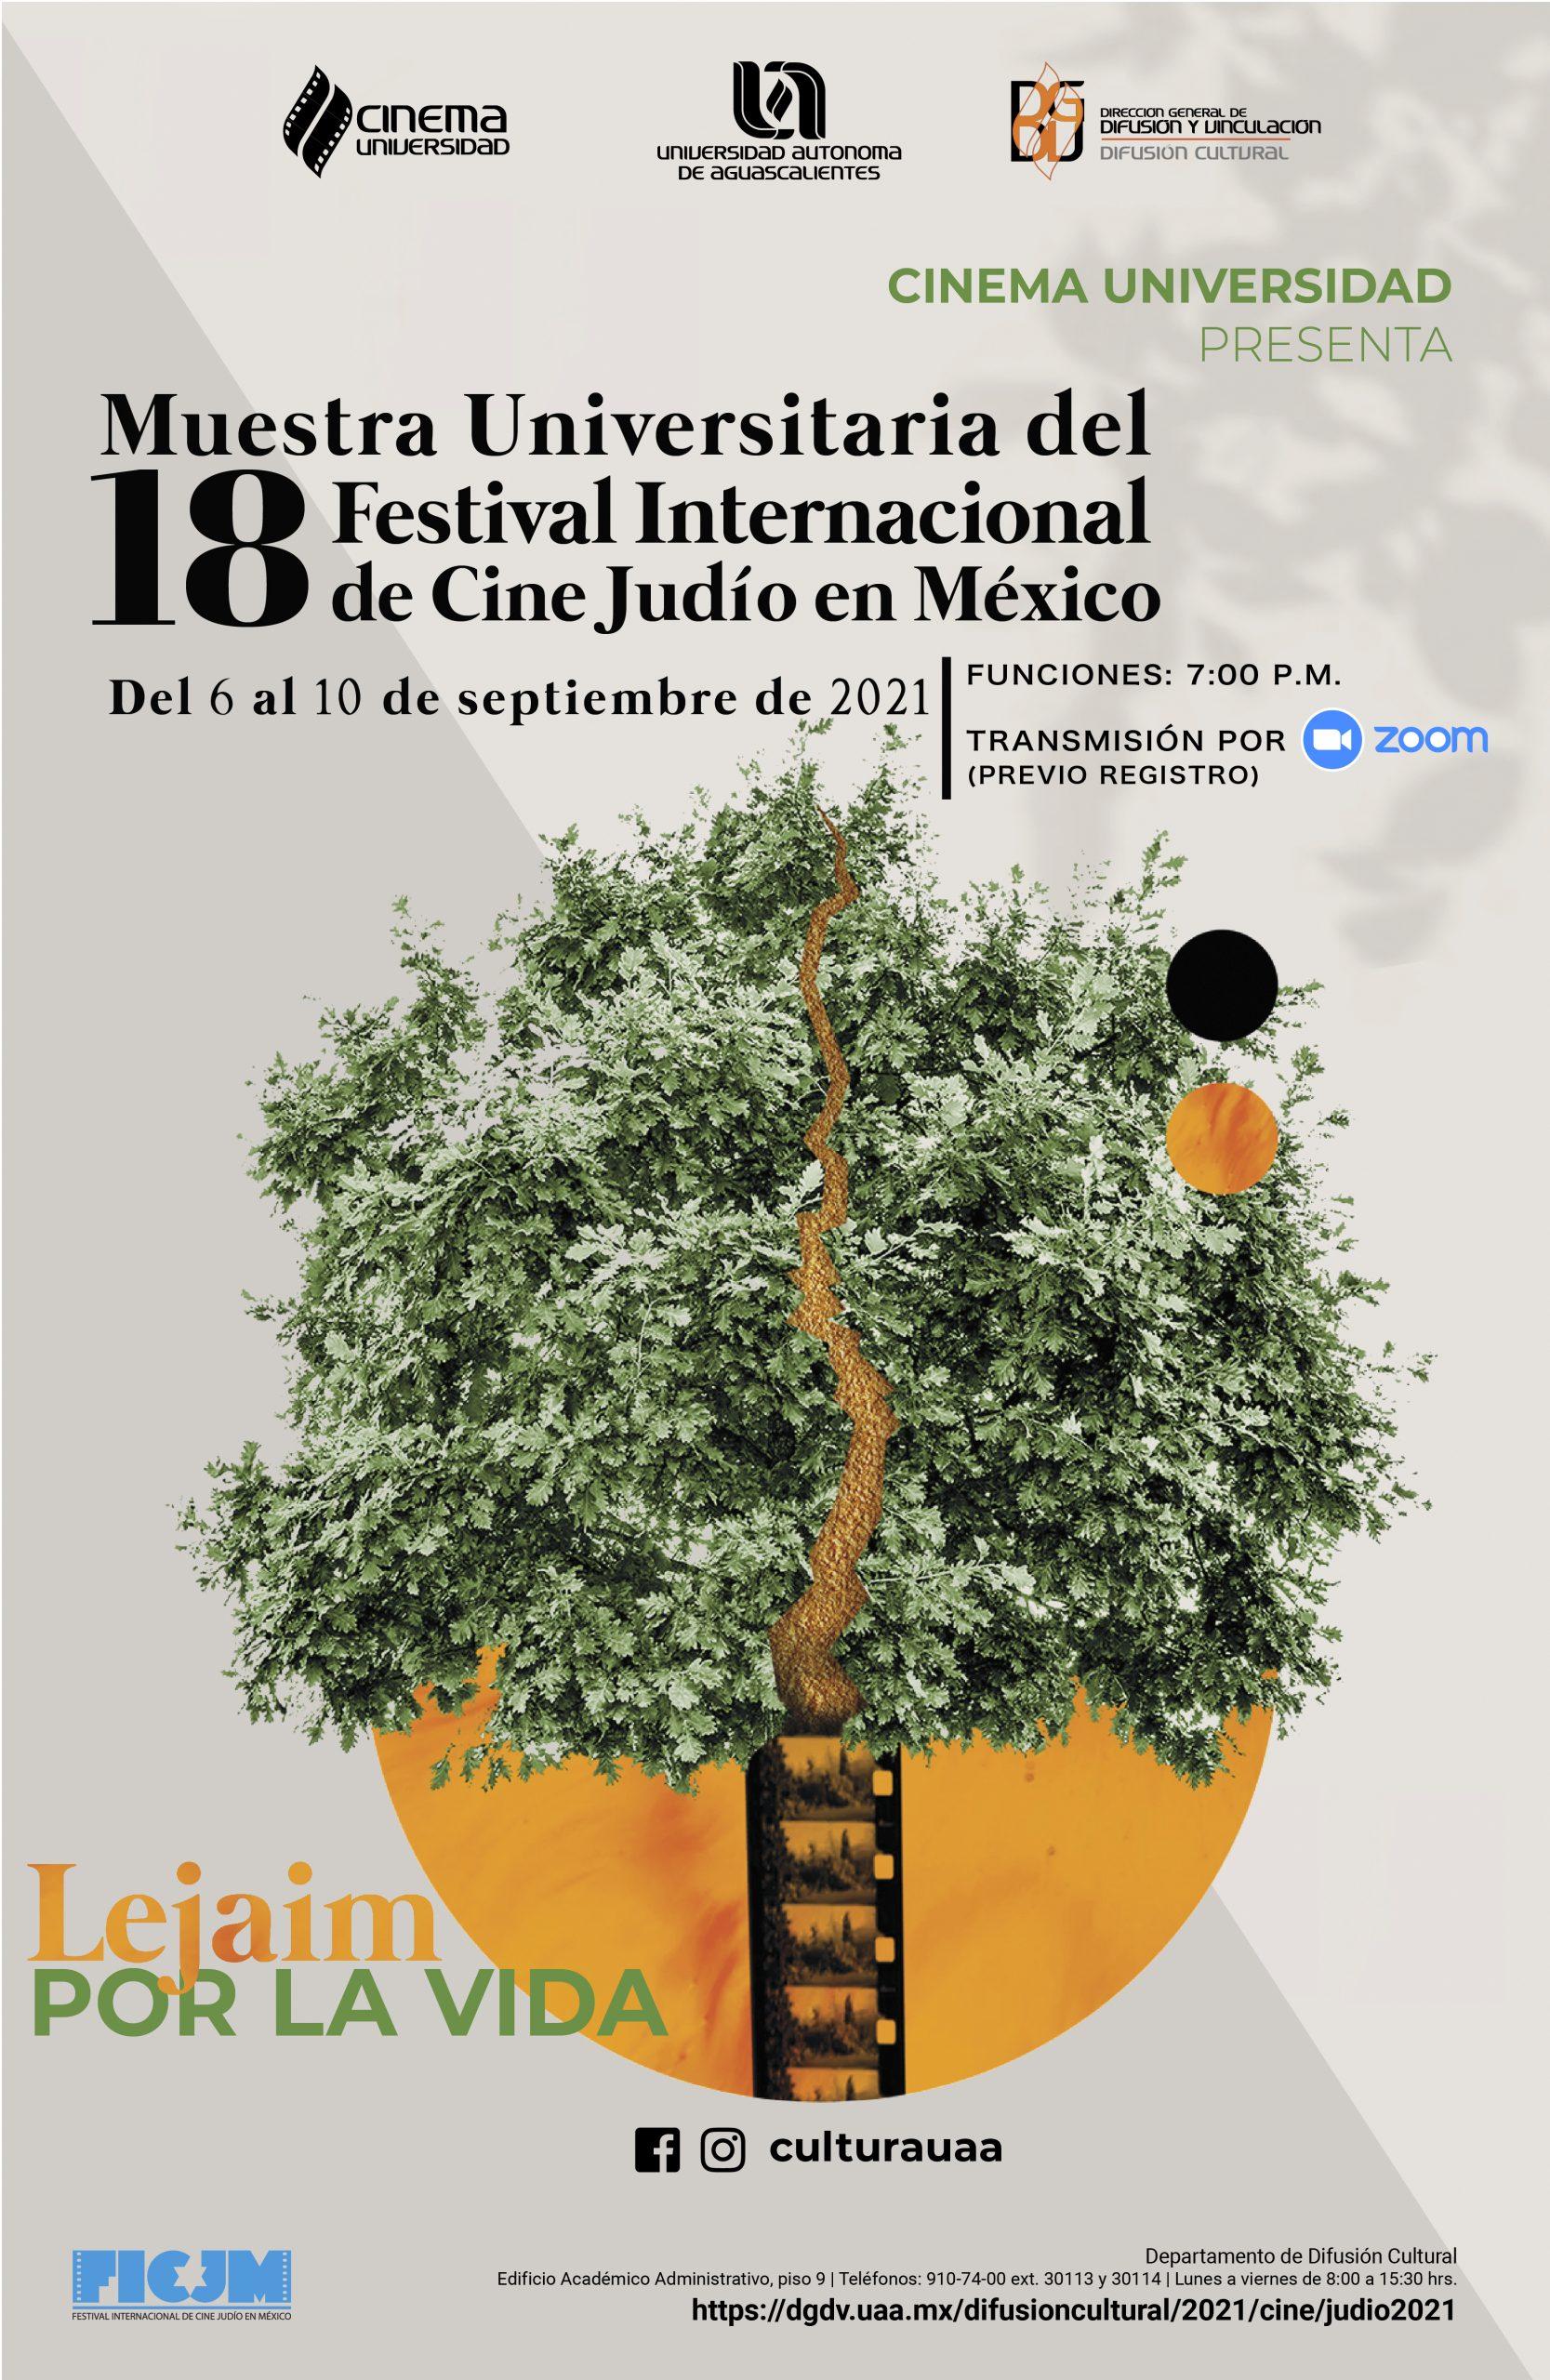 Muestra Universitaria del Festival Internacional de Cine Judío en México